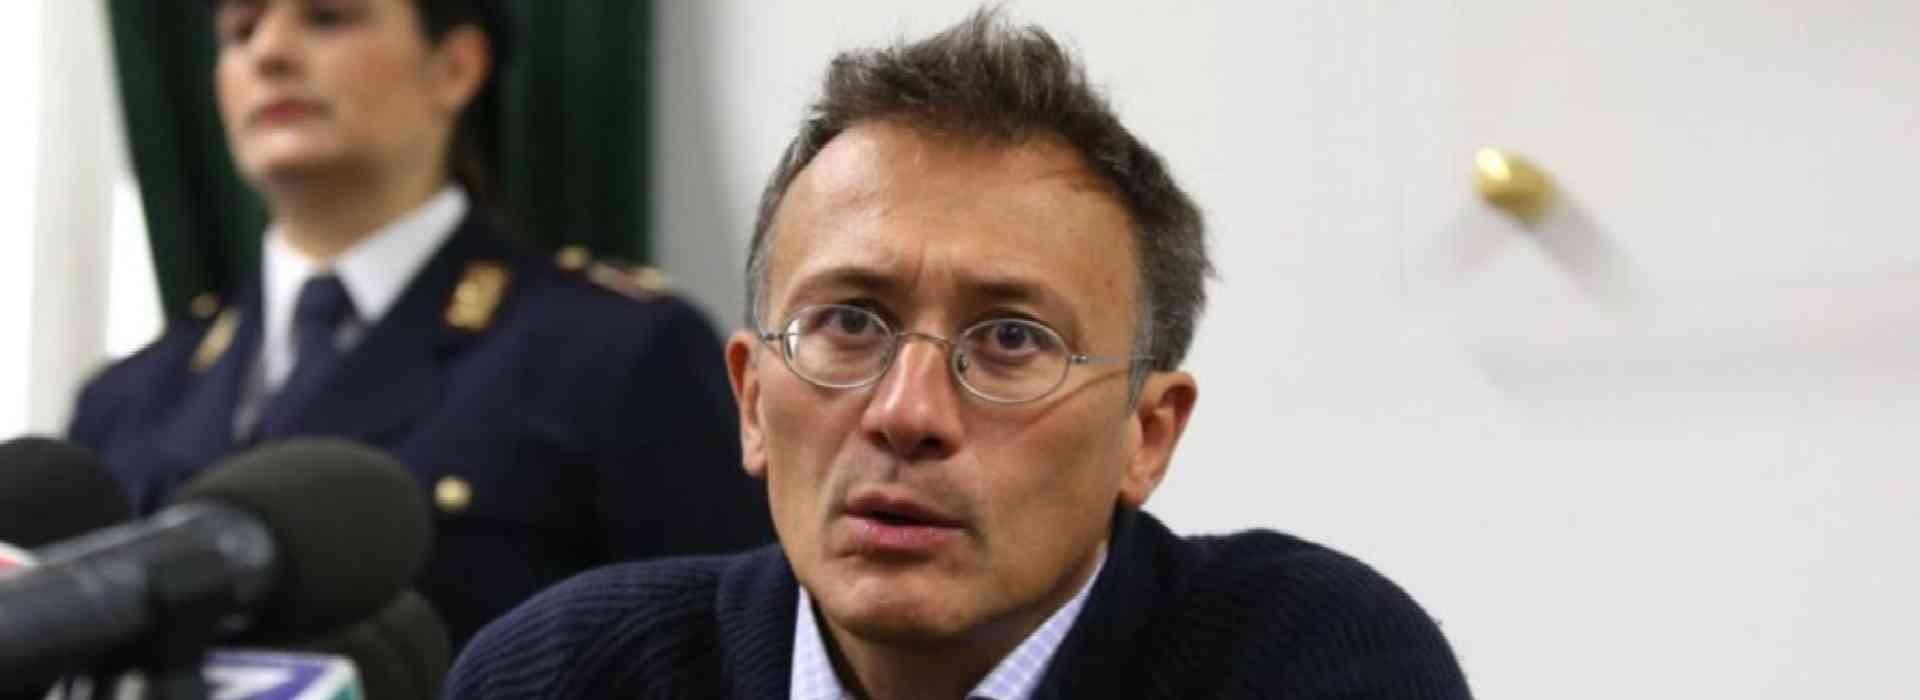 Loggia Ungheria: indagato il giudice Paolo Storari